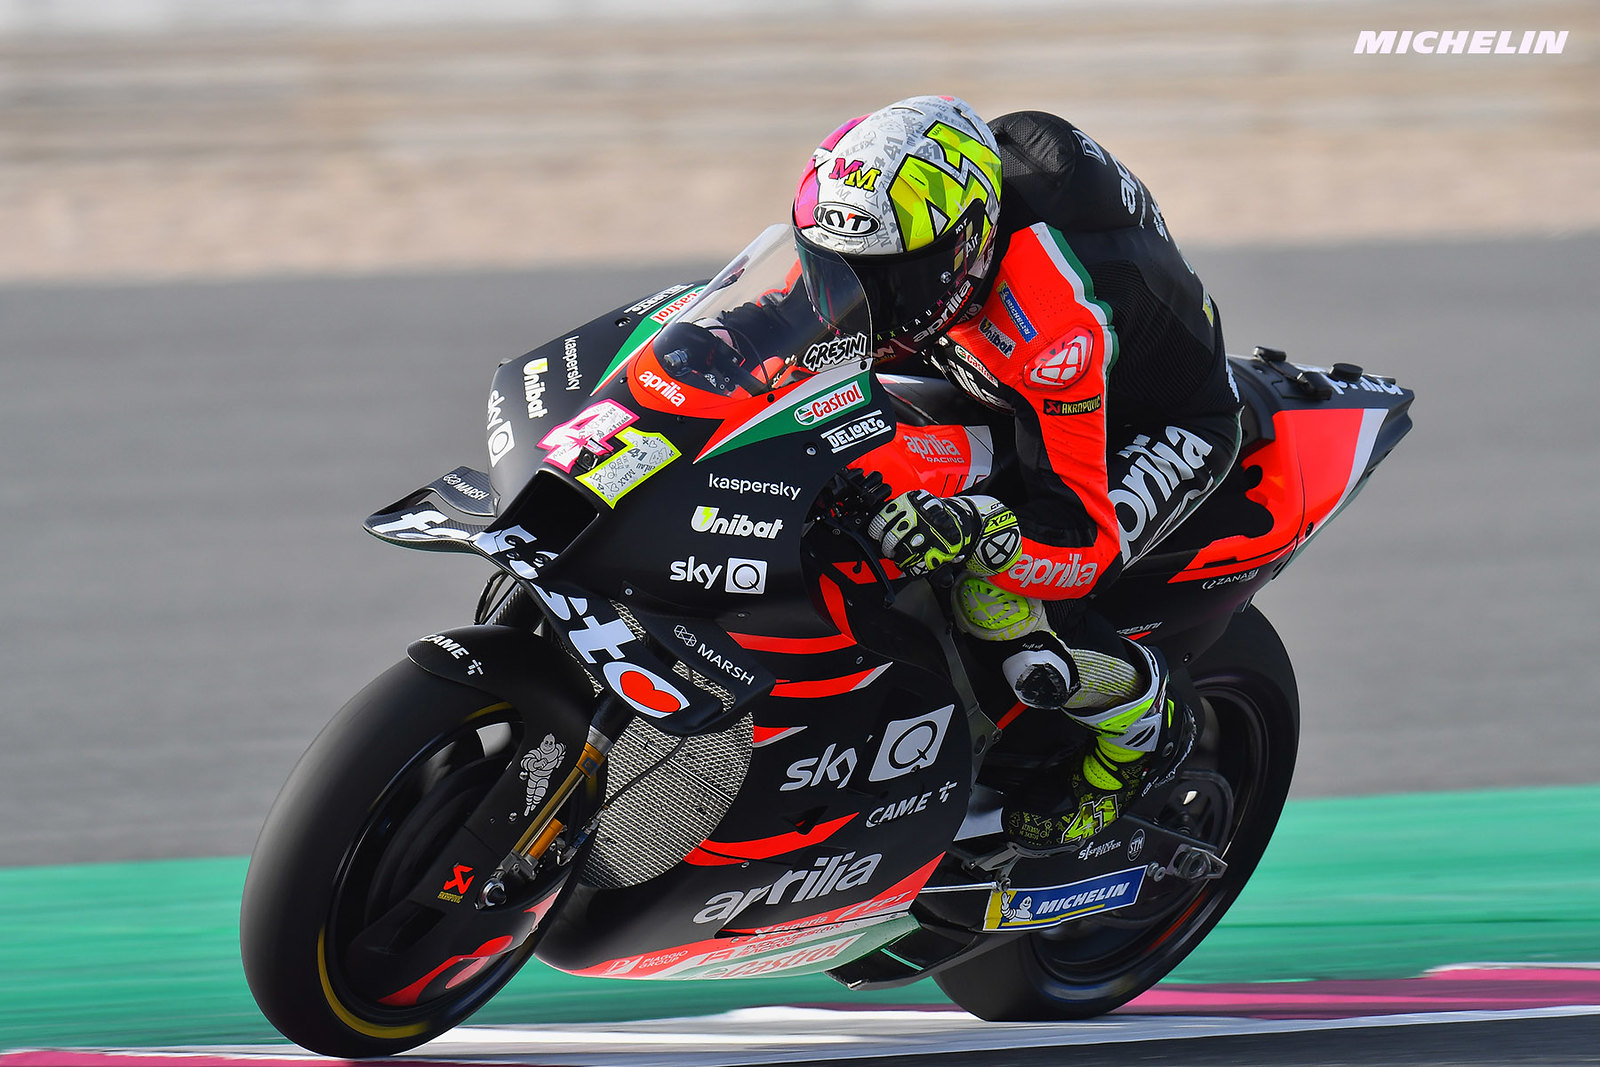 ドーハGP 予選7位アレイシ・エスパルガロ「レースは混戦になるだろう」